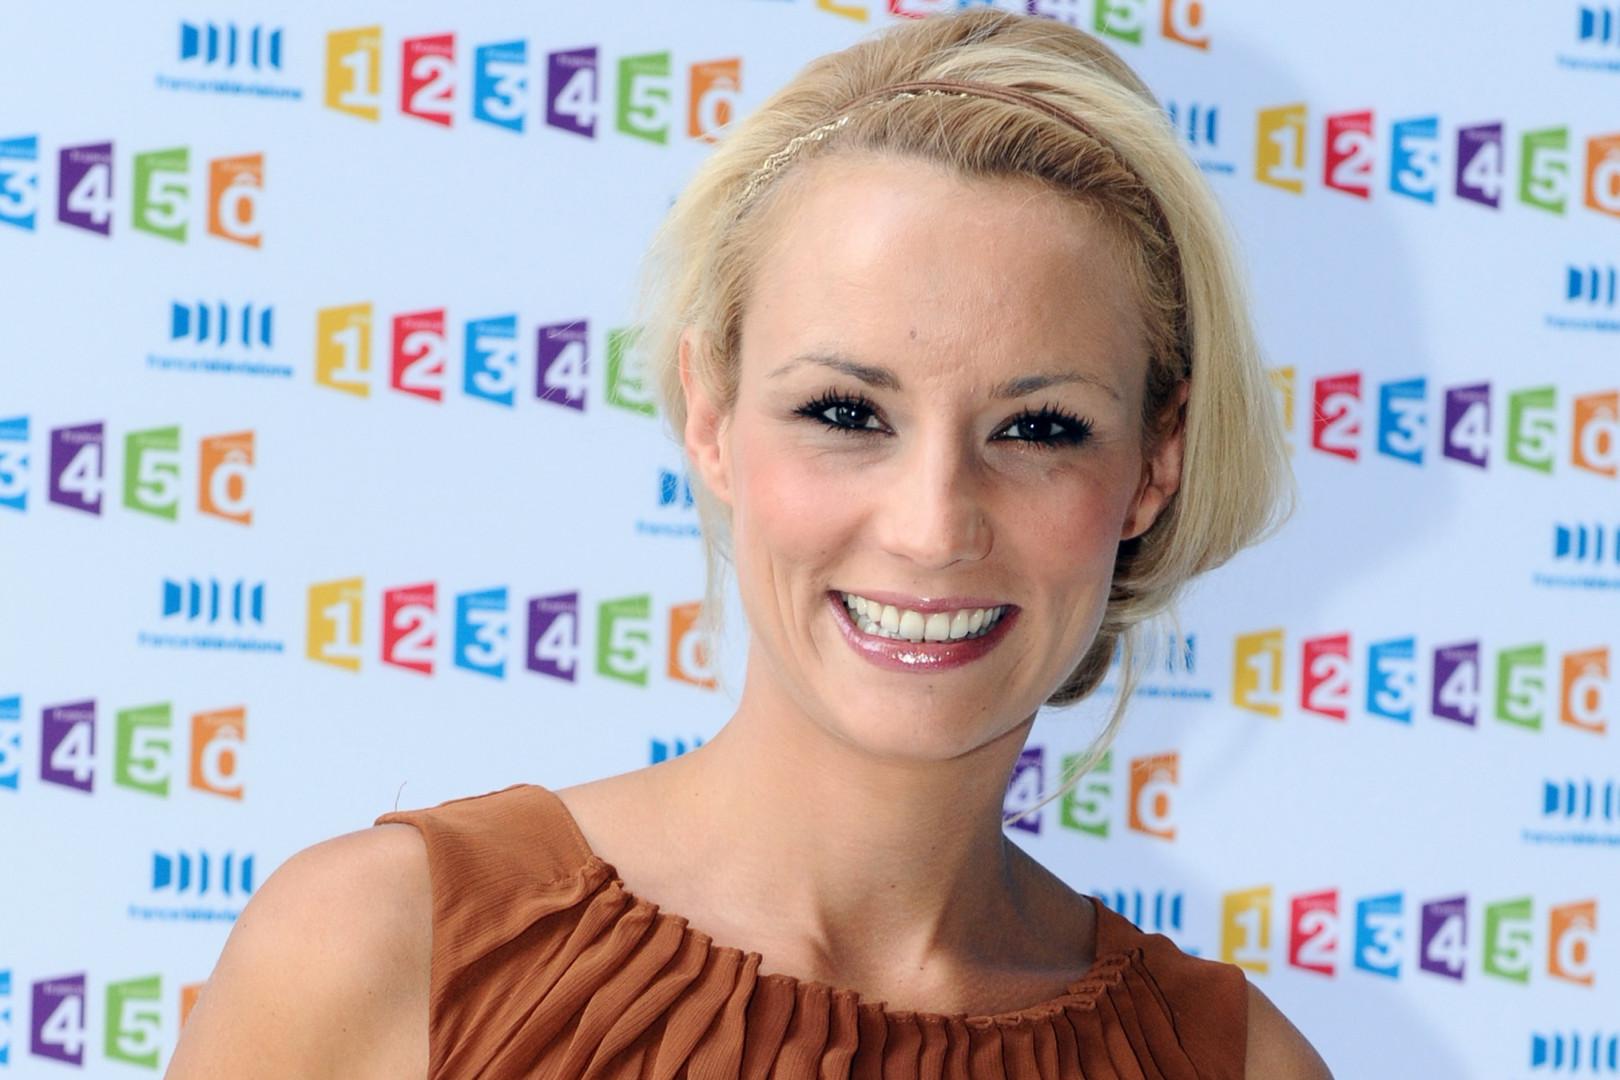 L'année suivante sera celle d'Élodie Gossuin qui devient Miss France à 20 ans. Cette femme d'origine Picarde sera ensuite élue conseillère régionale de Picardie en 2004.